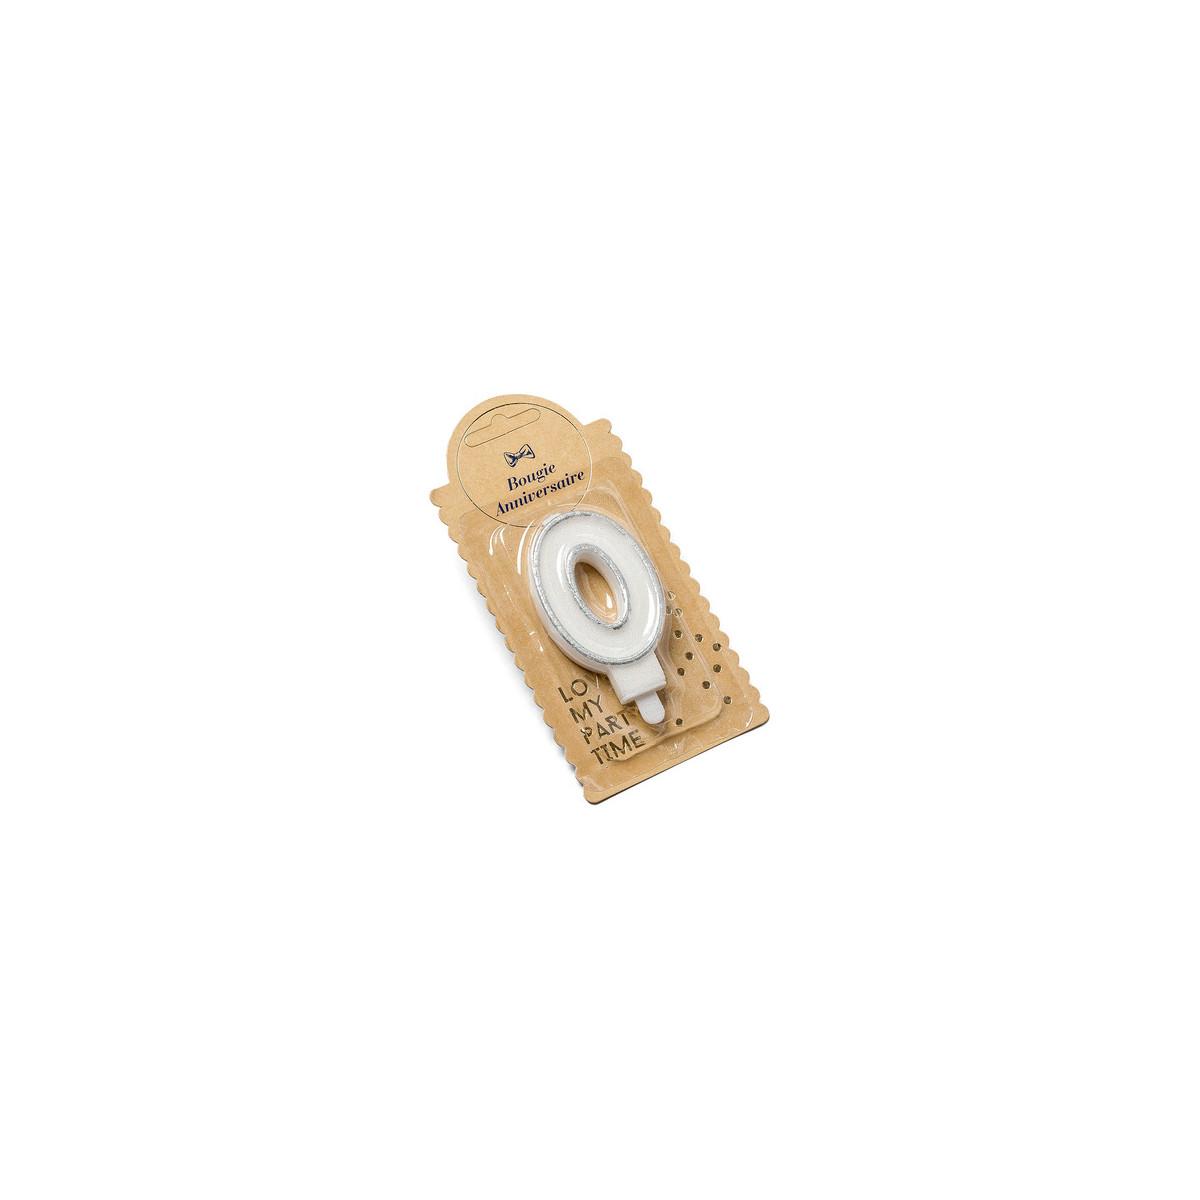 Bougie 0 an paillette argent - 7.5 cm